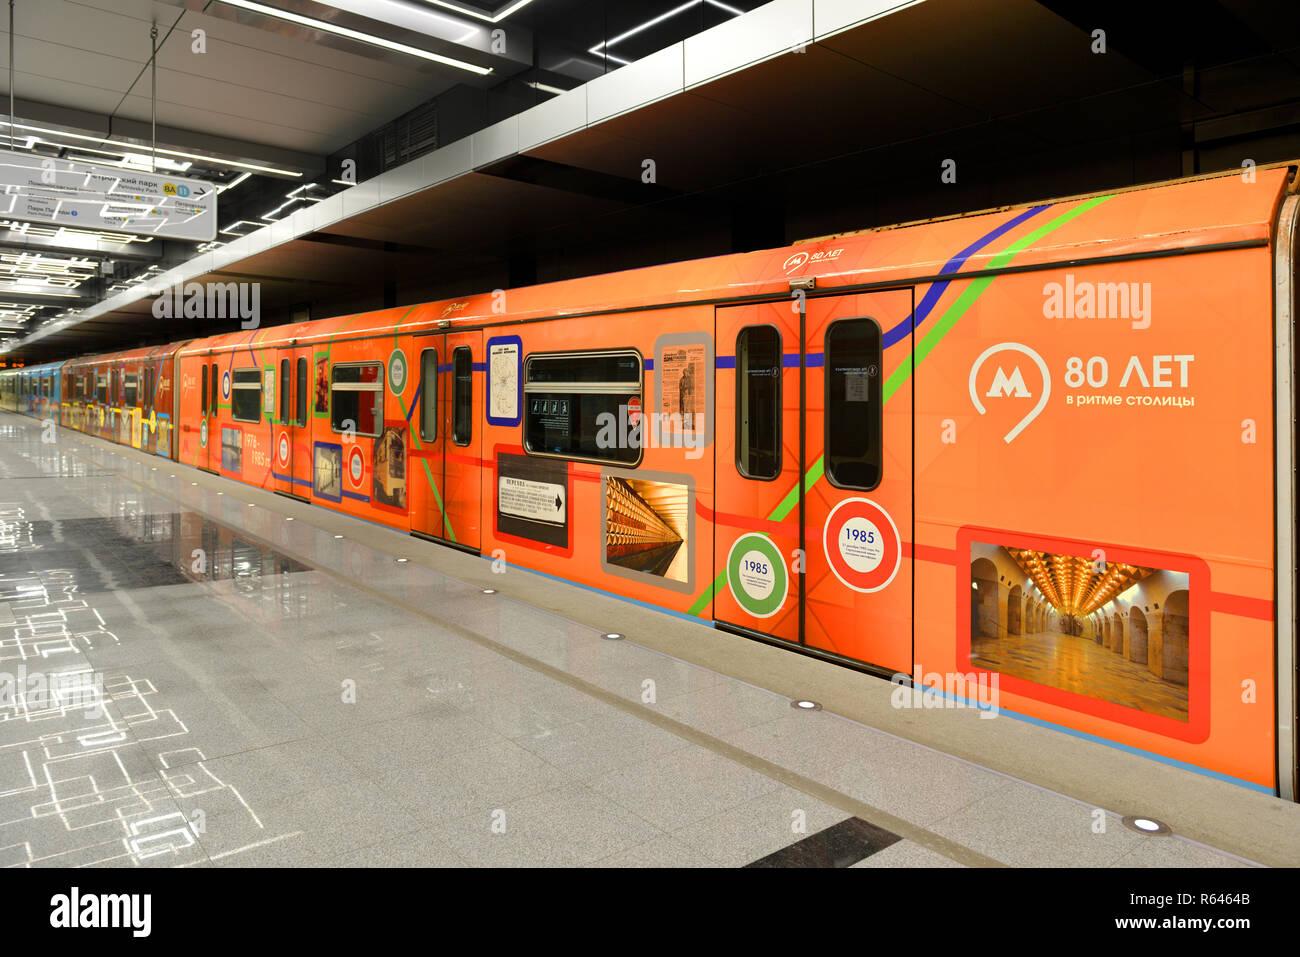 """Govorovo, stazione Kalininsko-Solntsevskaya sulla linea della metropolitana di Mosca ha aperto il 30 agosto 2018. Treno tematica '80 anni il ritmo del capitale"""" Foto Stock"""